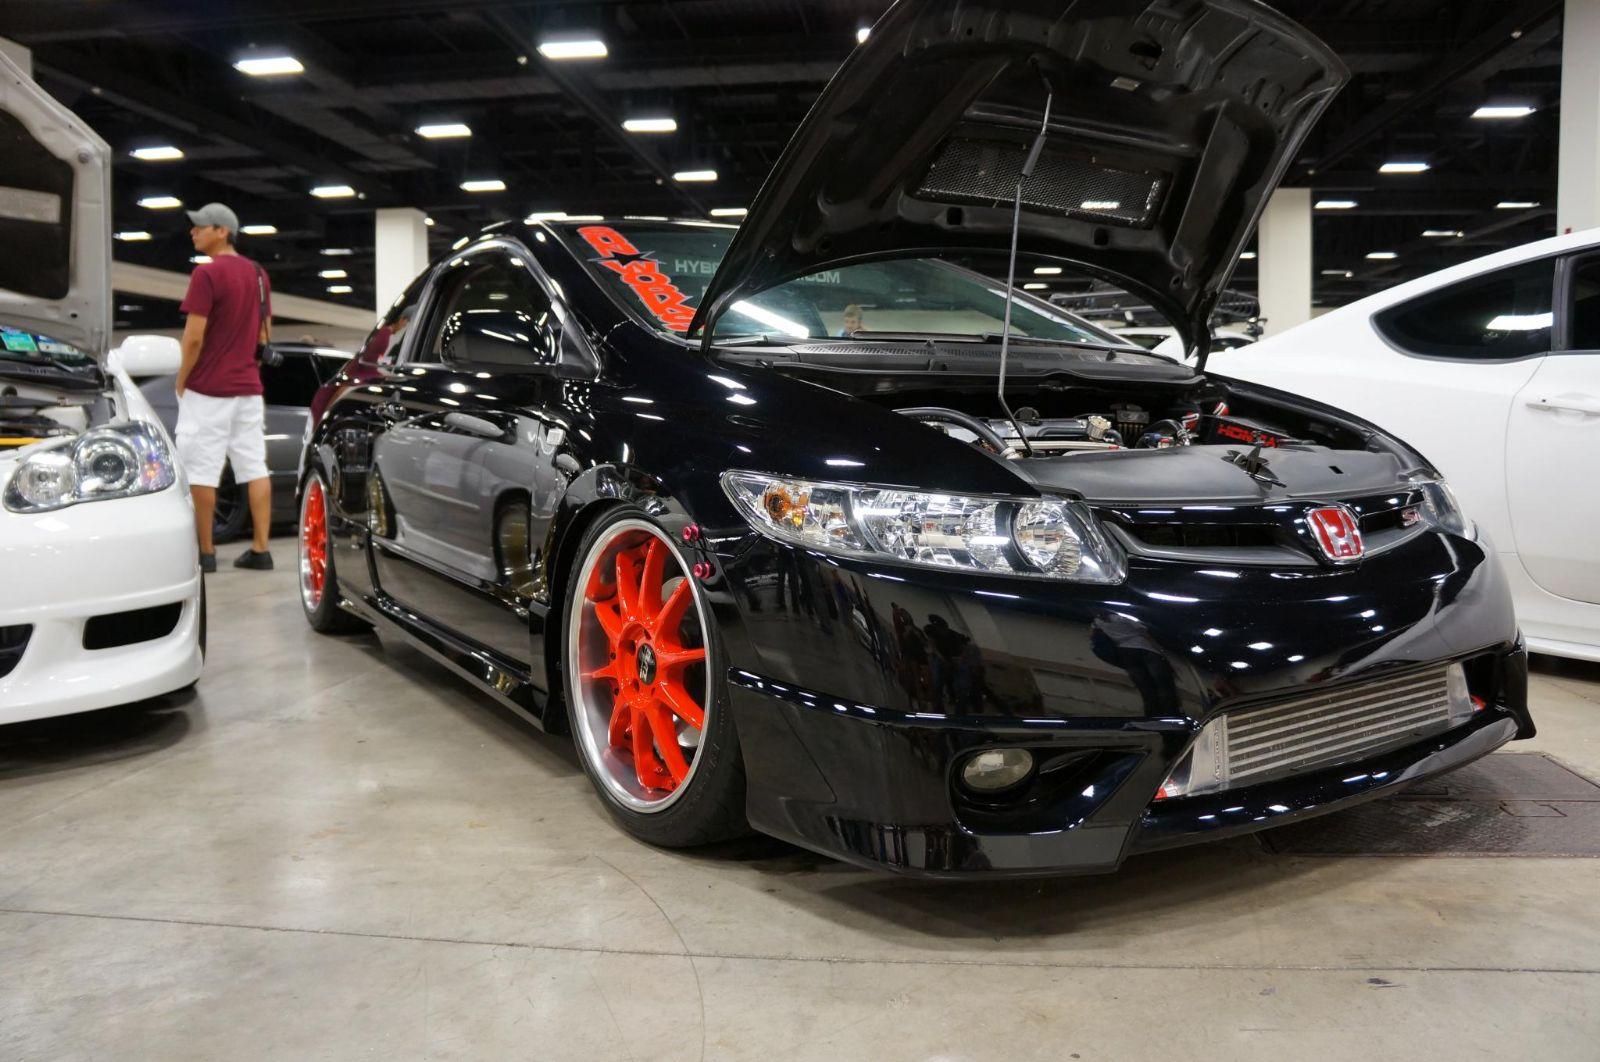 06 Honda Civic Si